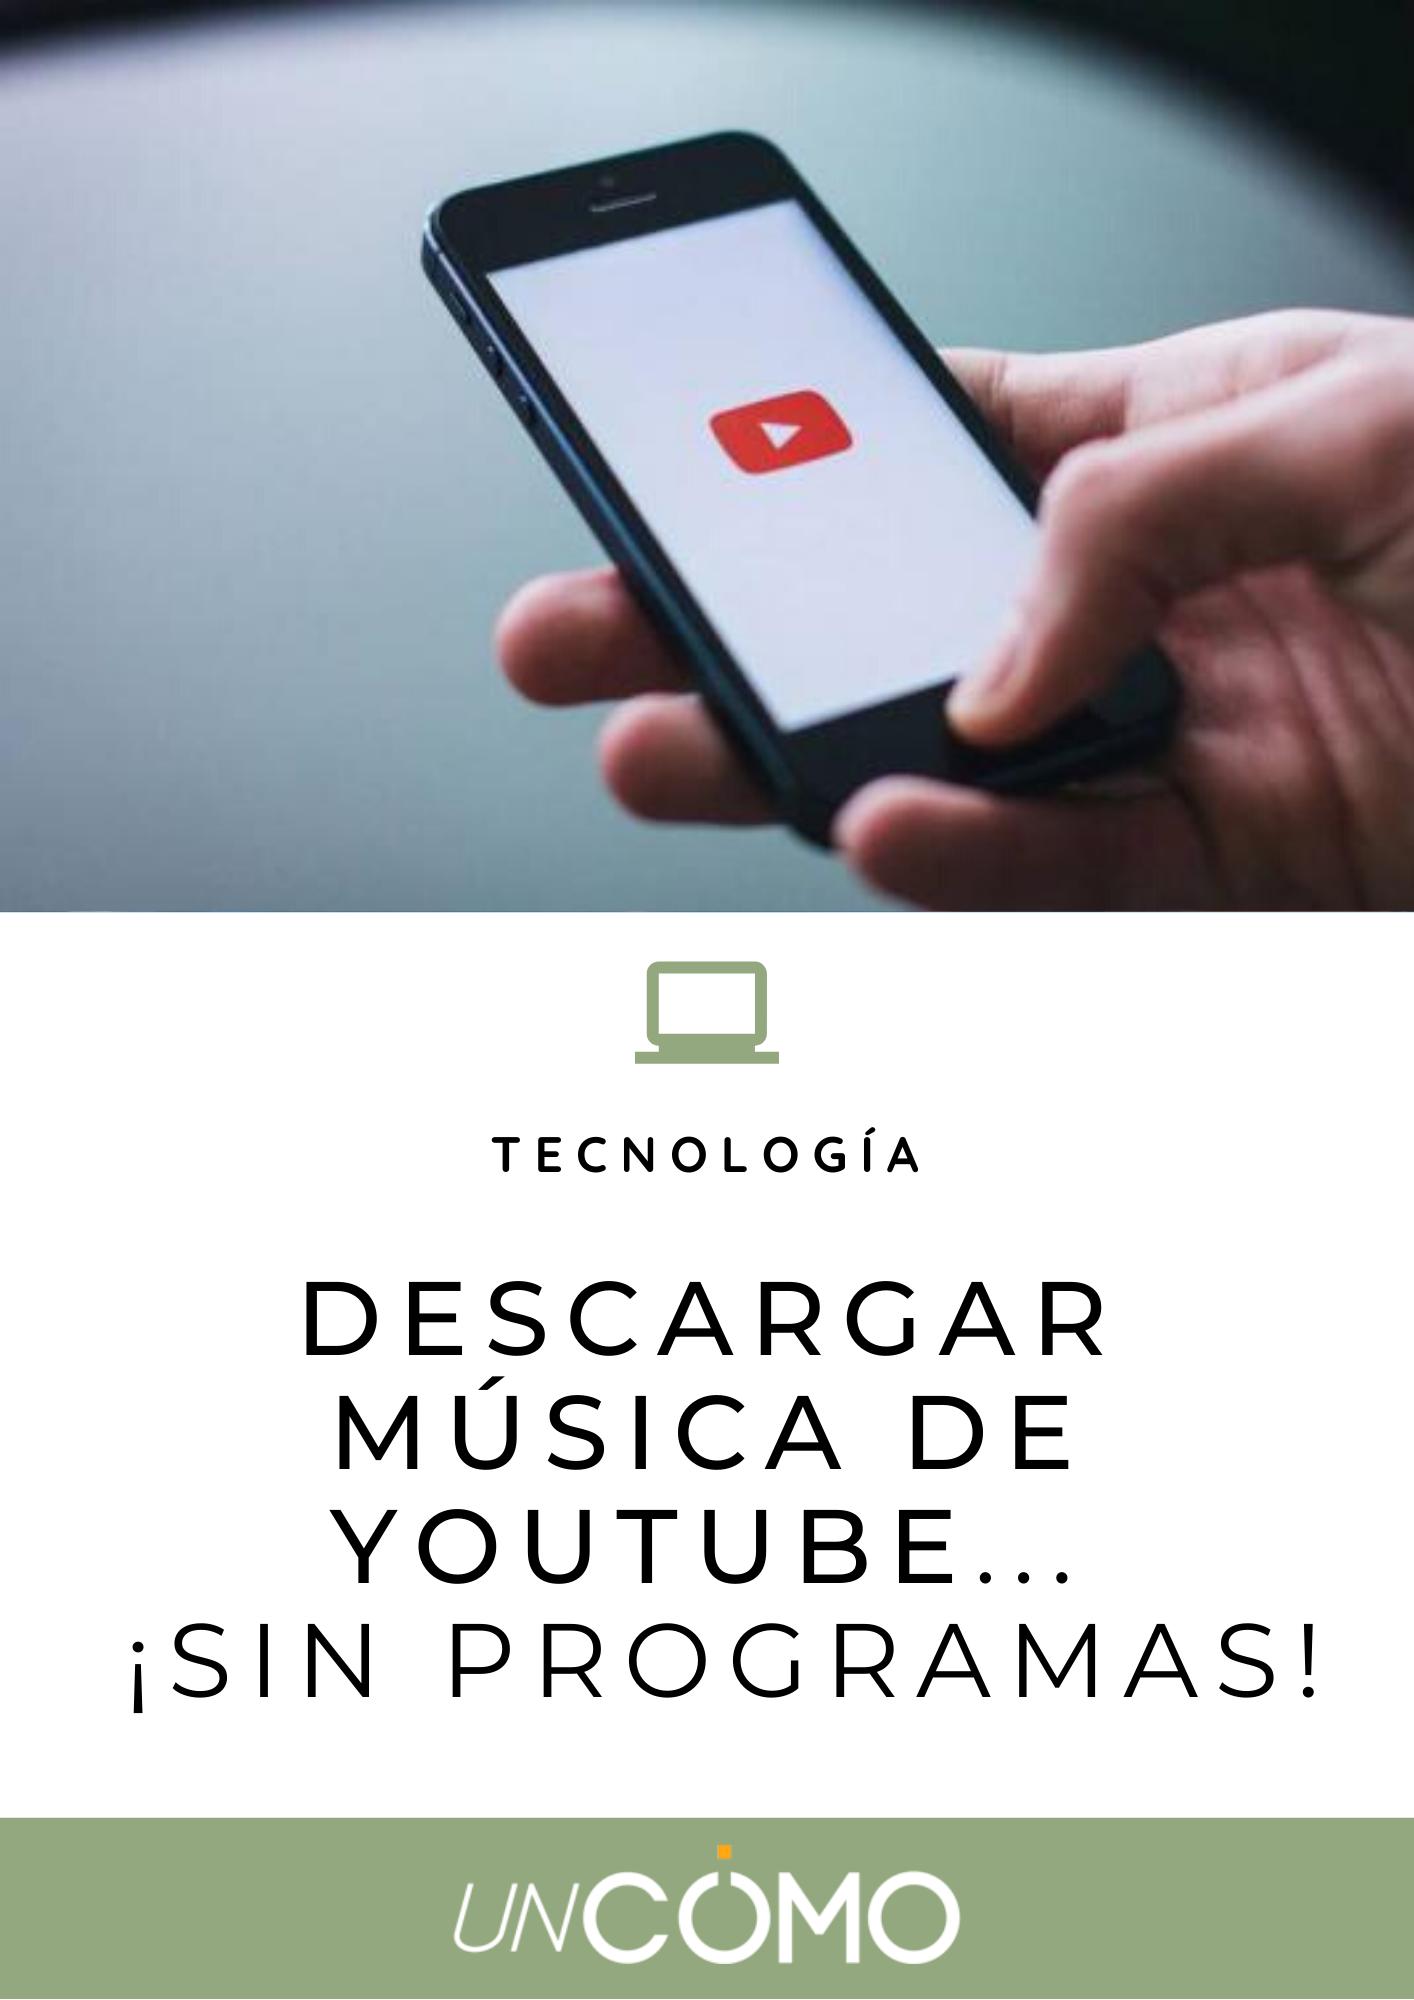 Descargar Música De Youtube Sin Programas Los Mejores Métodos Descargar Música Musica Youtube